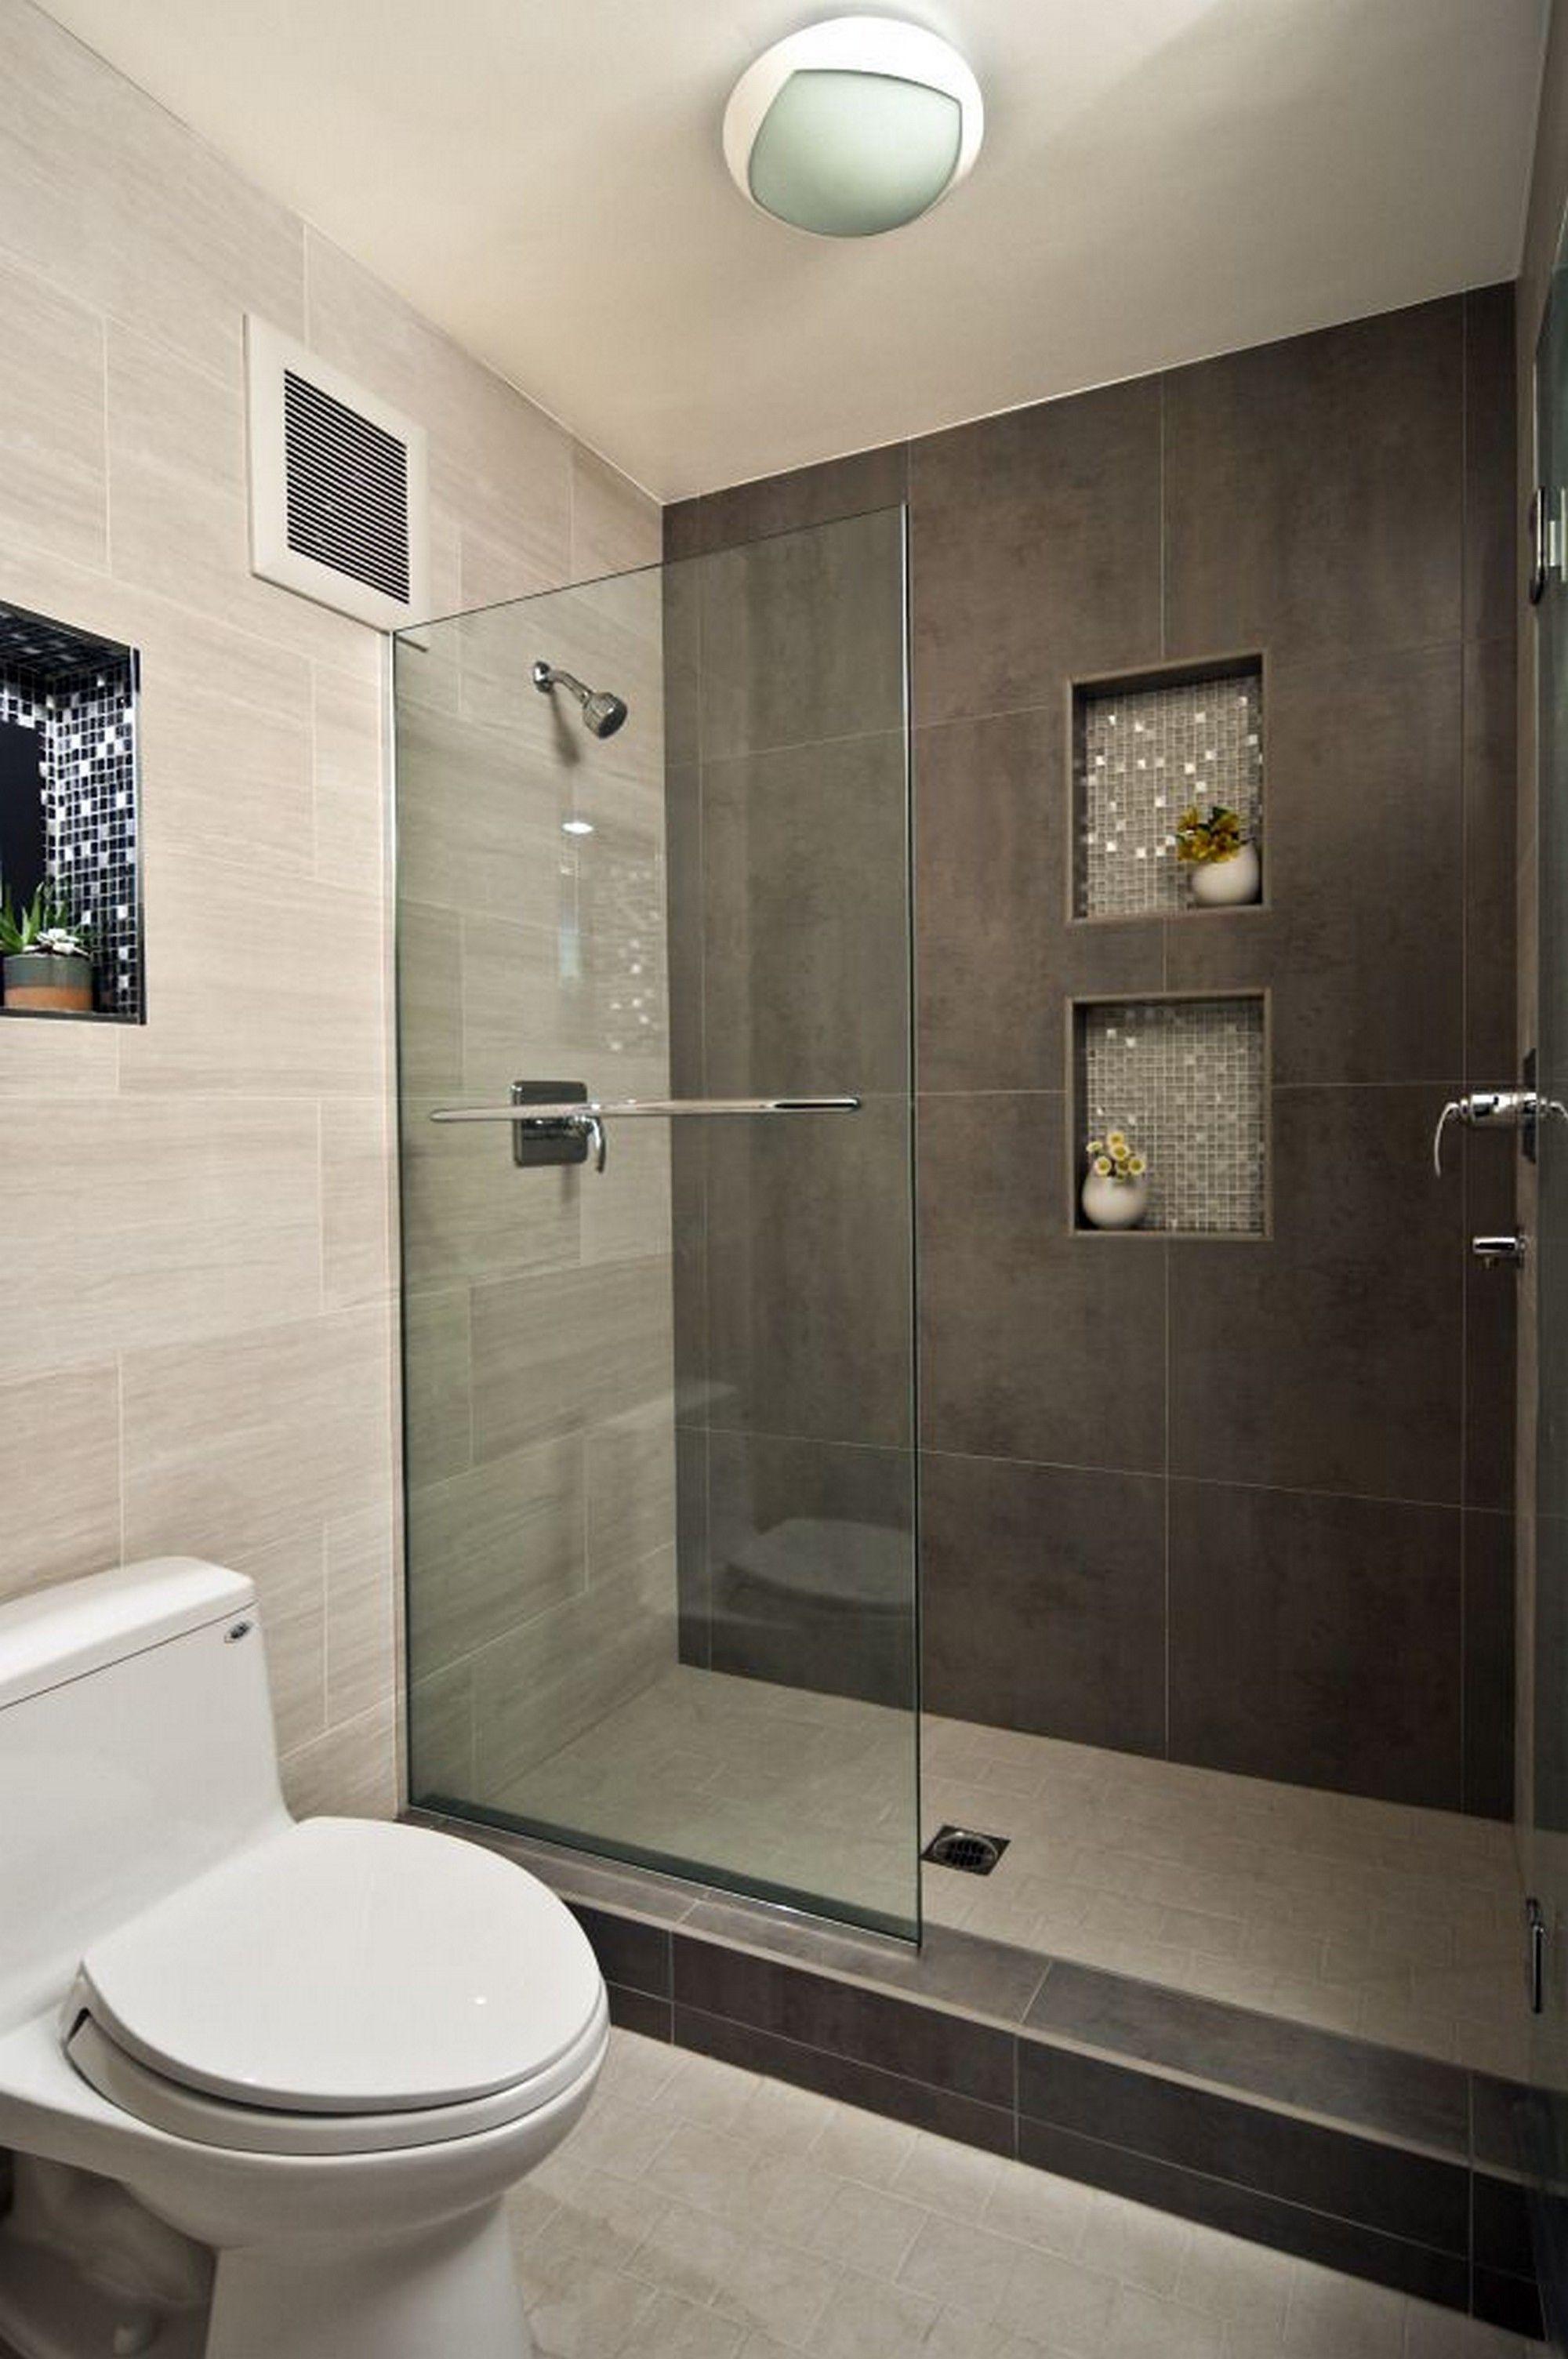 Modern Bathroom Design Ideas With Walk In Shower In 2018 Bathroom